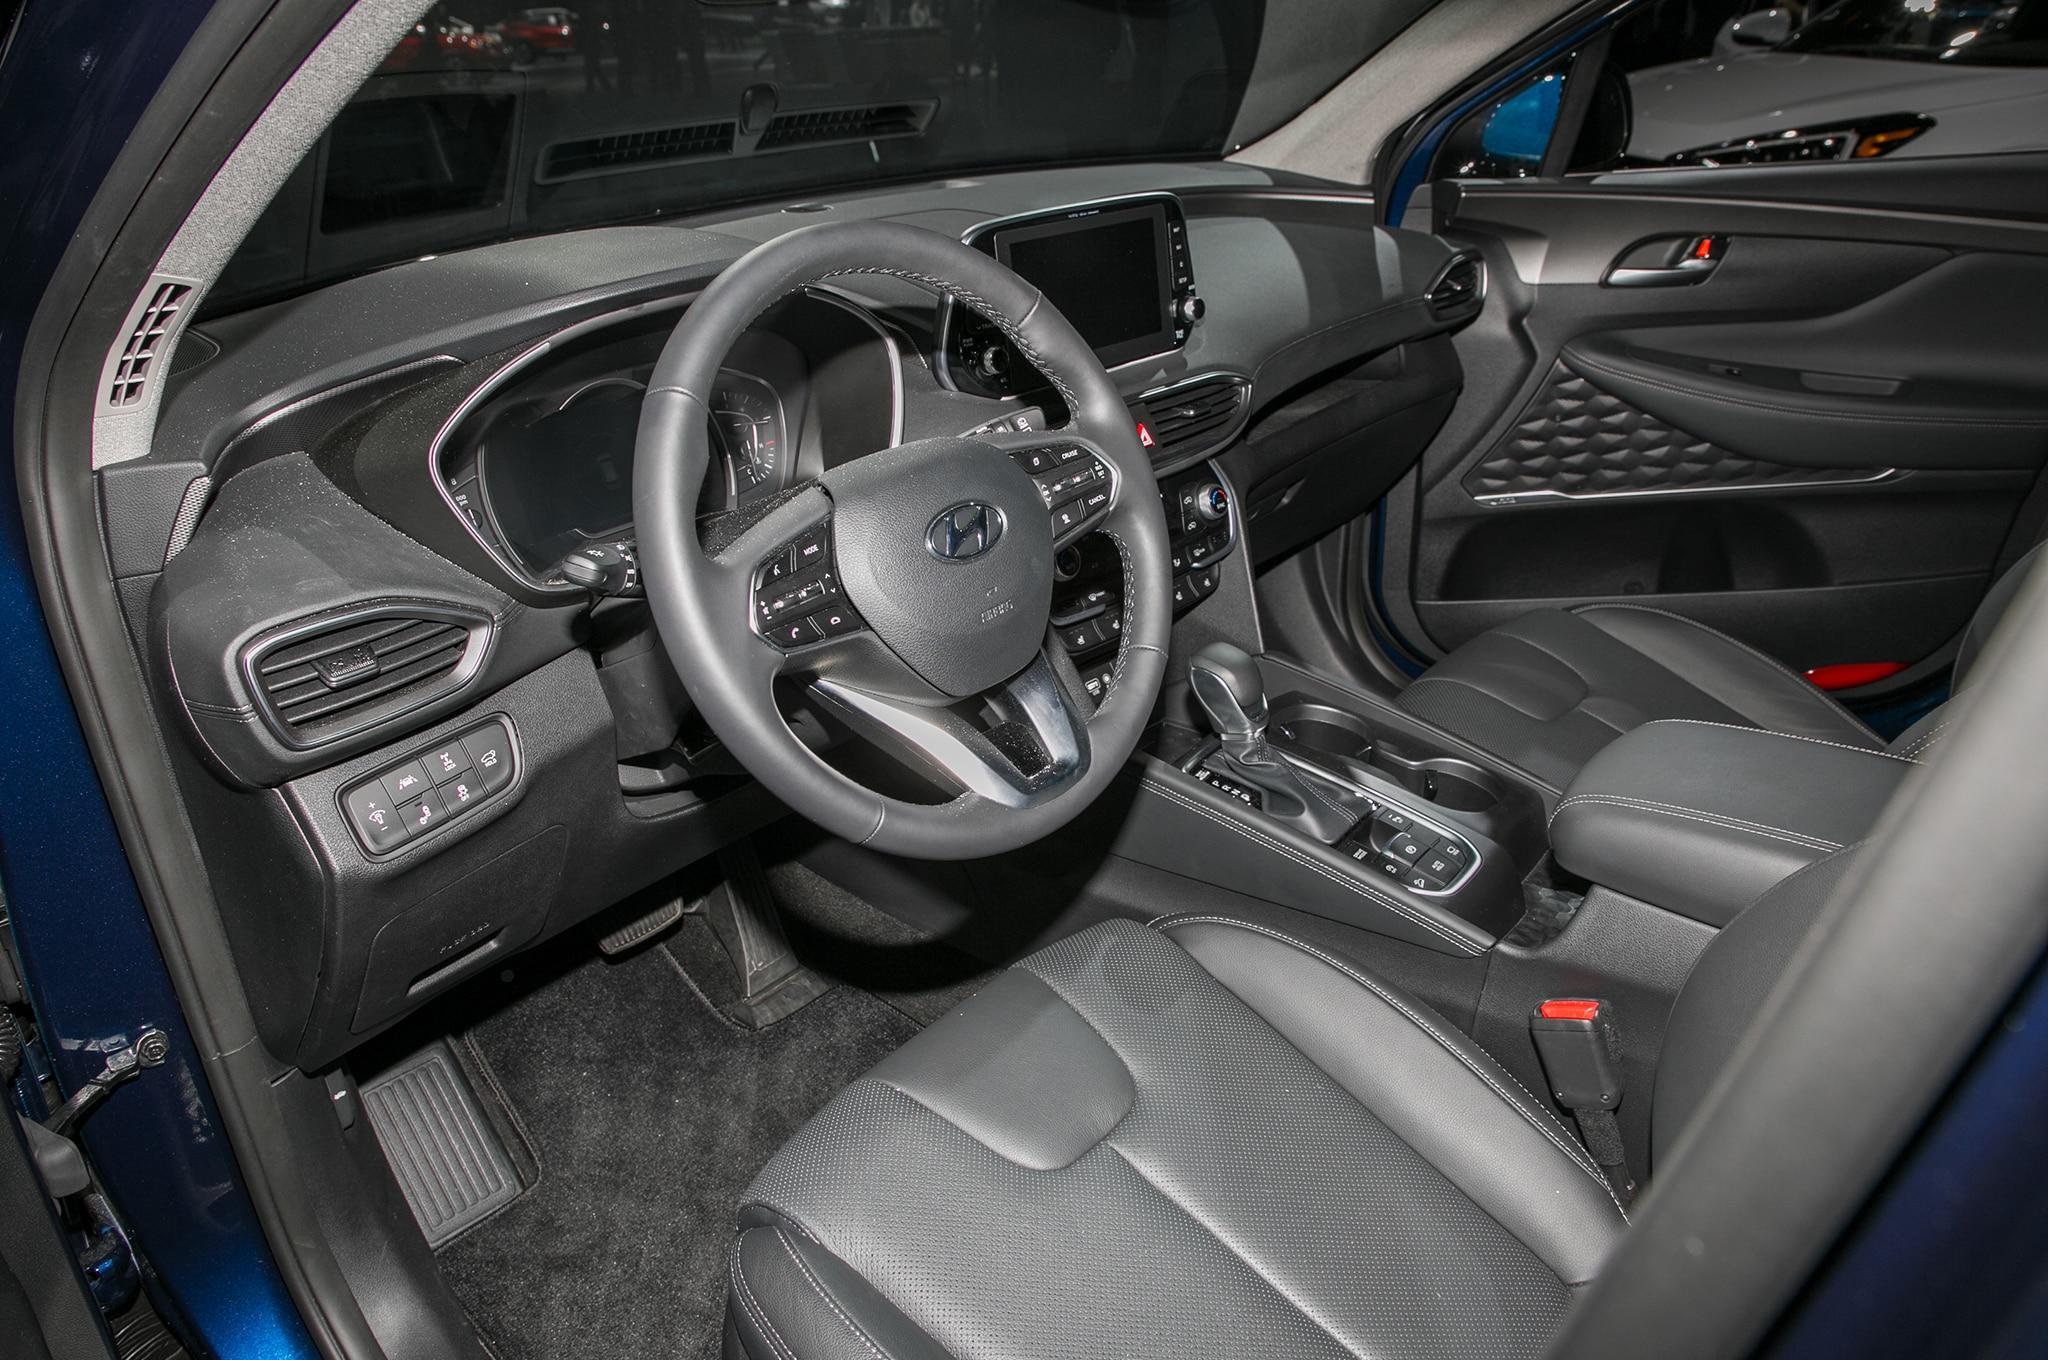 2019 Hyundai Santa Fe Front Interior Drivers Side Motor